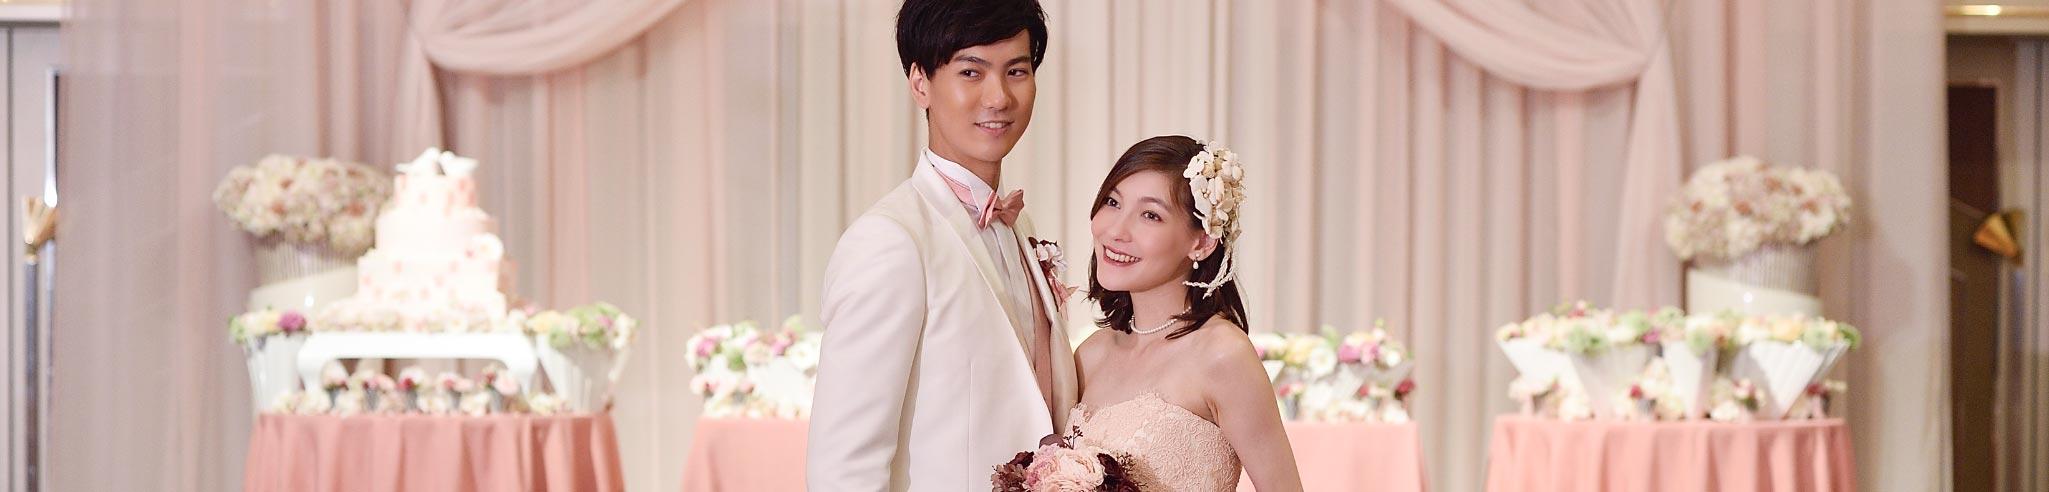 Middle Wedding Hal